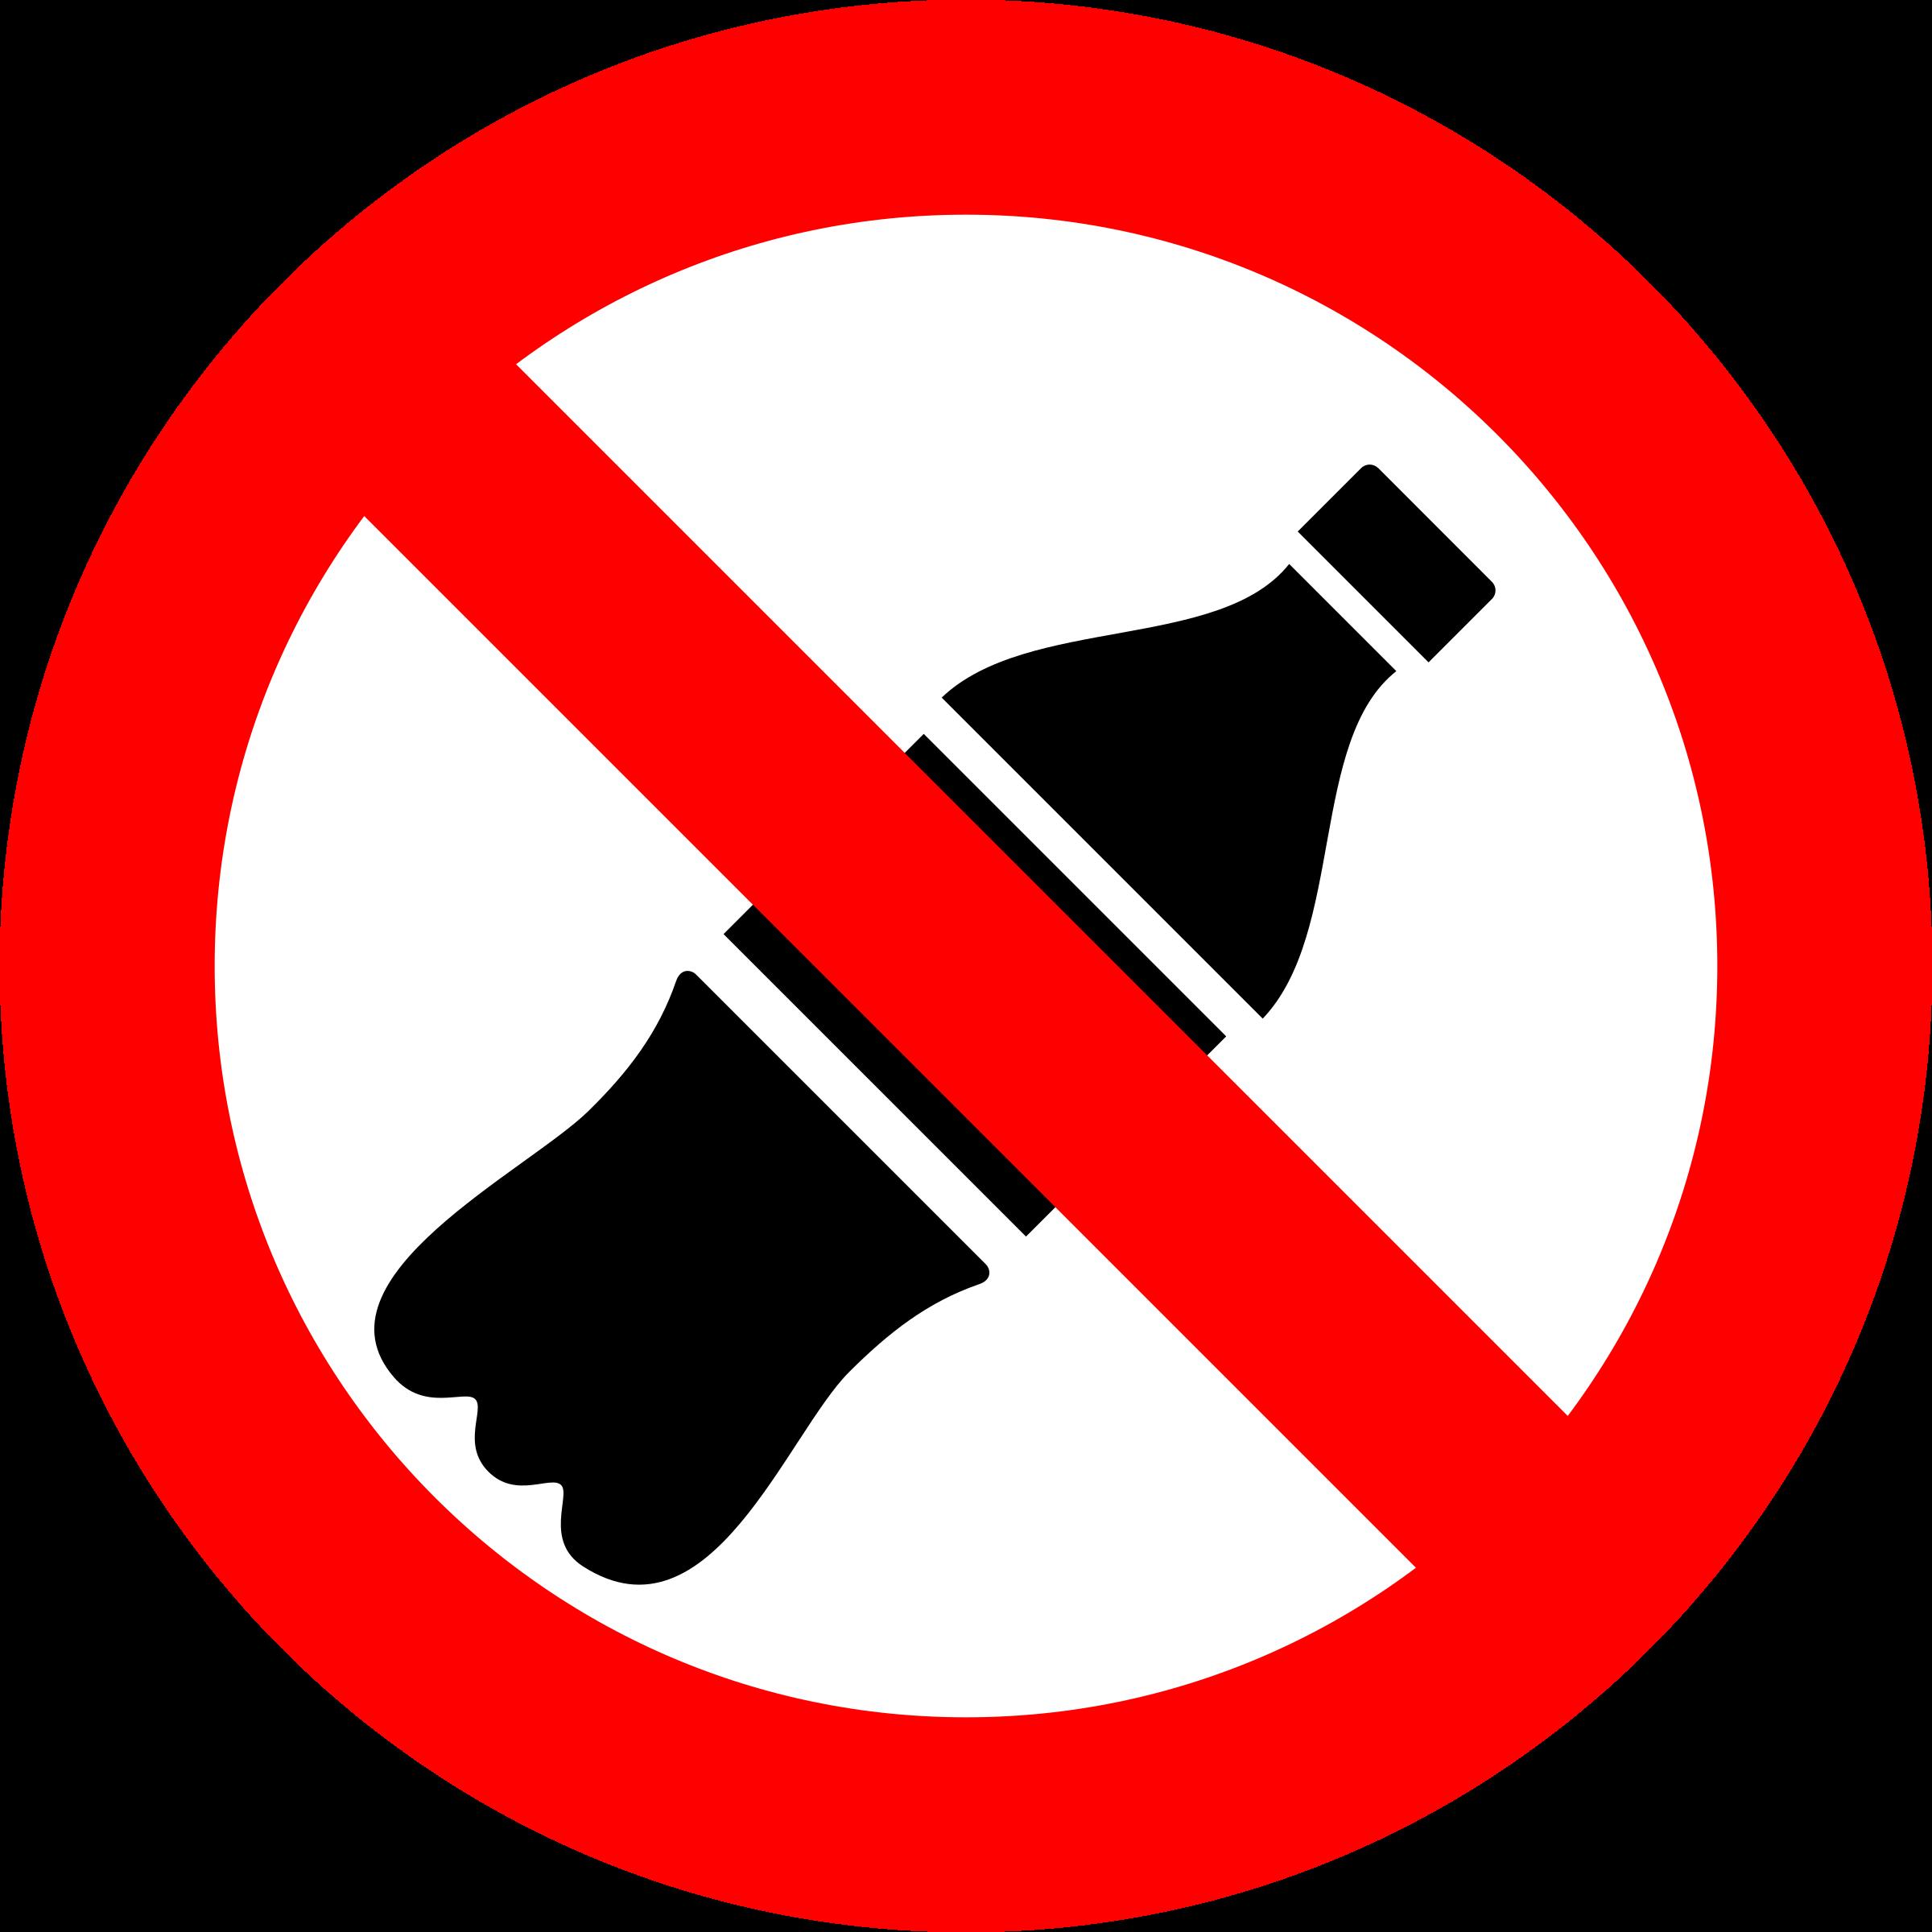 Do Not Enter Clipart